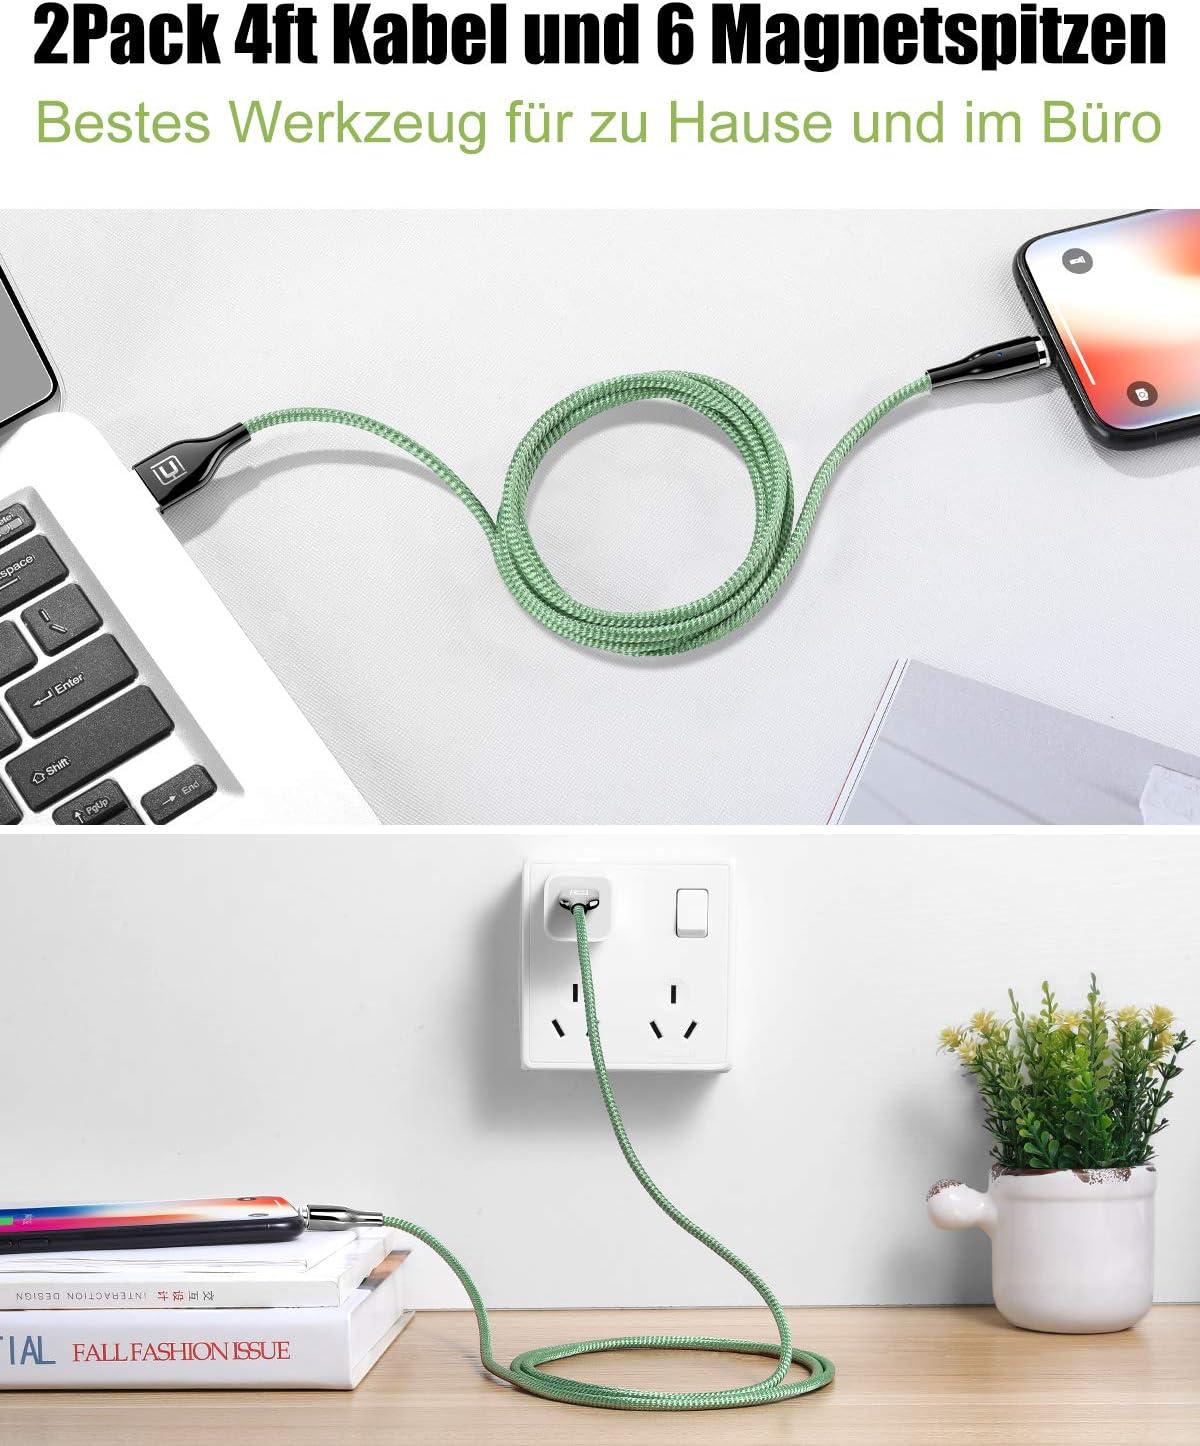 Cafele Zinklegierung 5A Magnetic Datenkabel Ladekabel 2St/ück, 1,2M f/ür Micro USB//Type C//i0s//CellPhone Gr/ün Magnetisches USB Kabel 3 in 1 Magnet Ladekabel Nylon Magnetisch Sync und Schnellladekabel